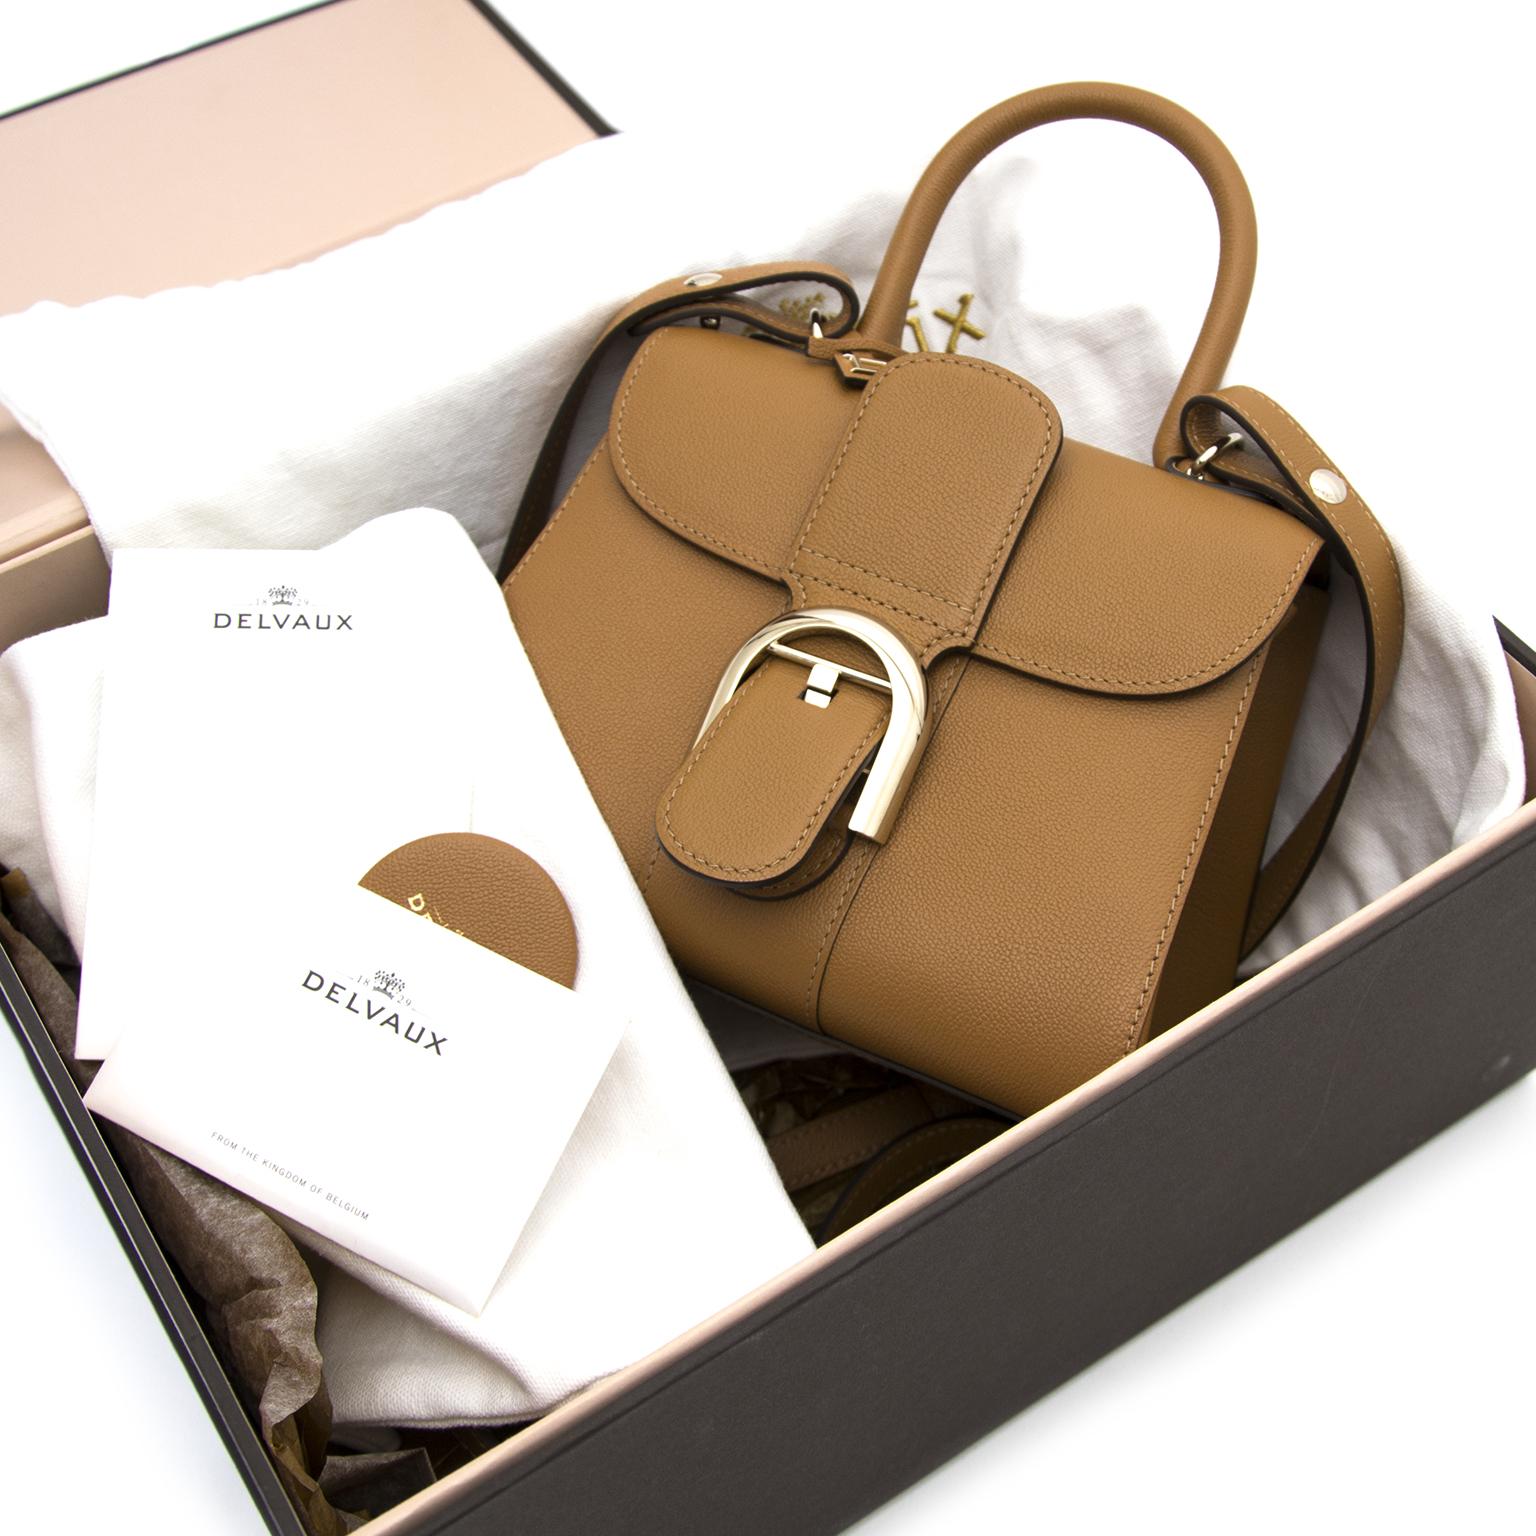 acheter enligne comme neuf Delvaux Cognac Brillant mini sac a main